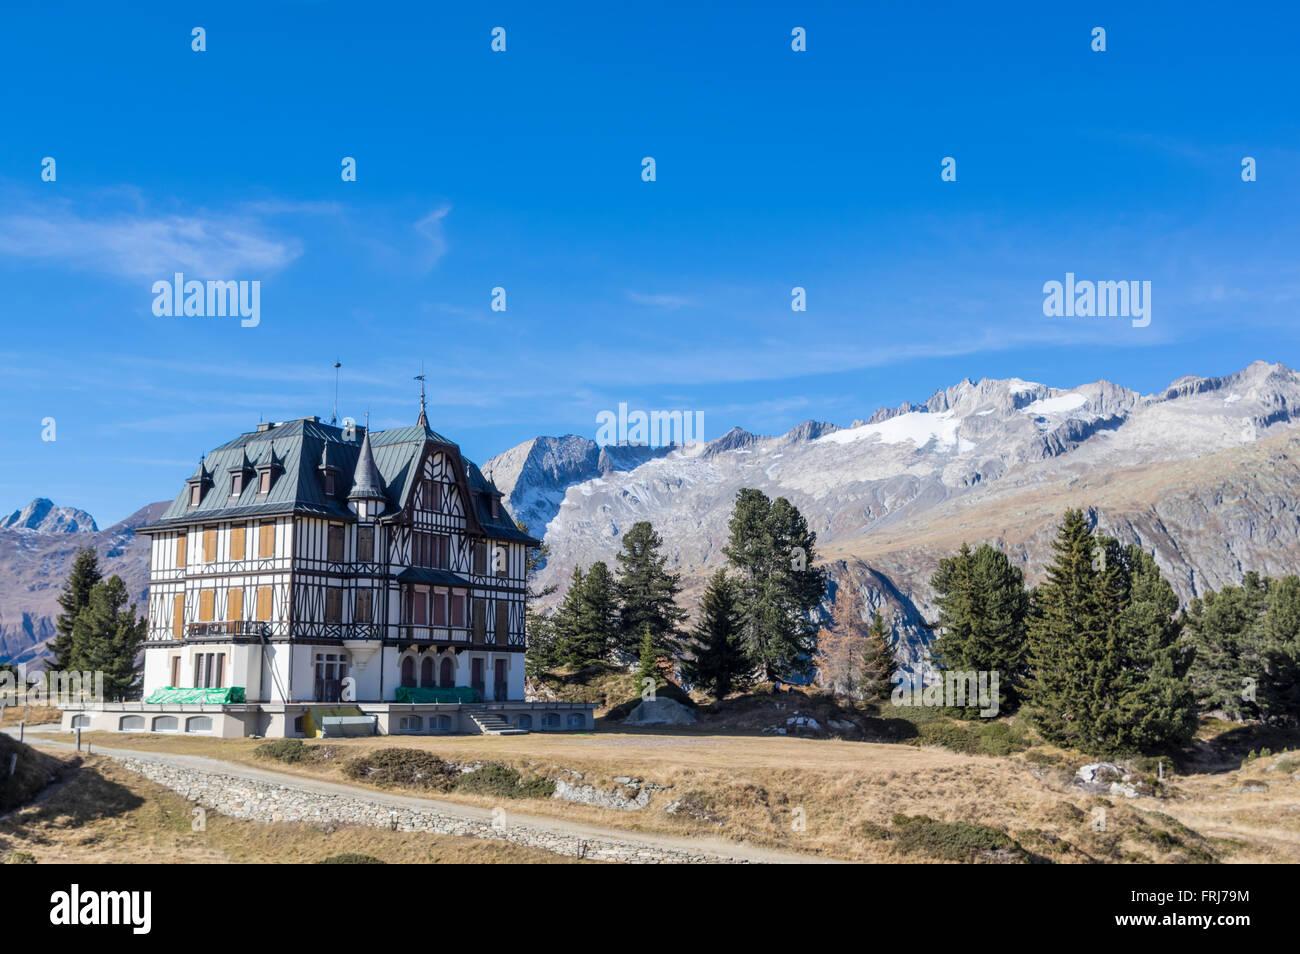 Villa Cassel, built 1899-1902 at Riederfurka, with a backdrop of mountains. Riederalp, Wallis/Valais, Switzerland. - Stock Image